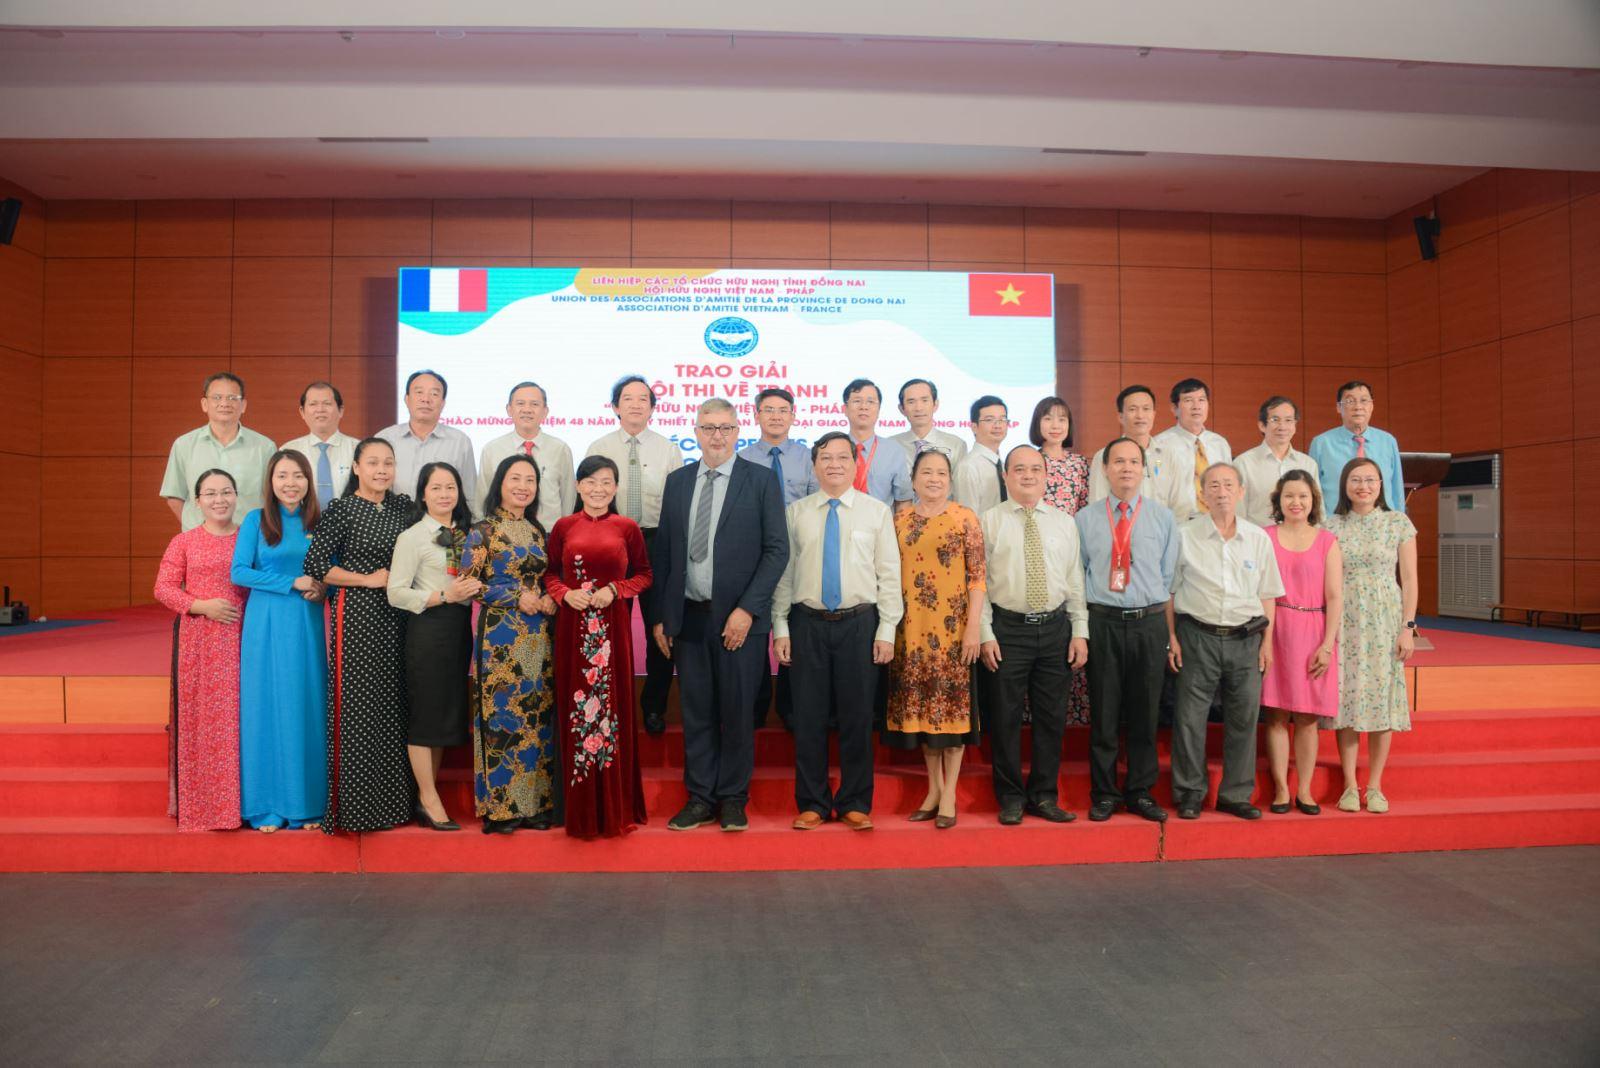 DNTU: Kỷ niệm 48 năm thiết lập ngoại giao Việt Nam - Cộng Hoà Pháp (1973 - 2021)